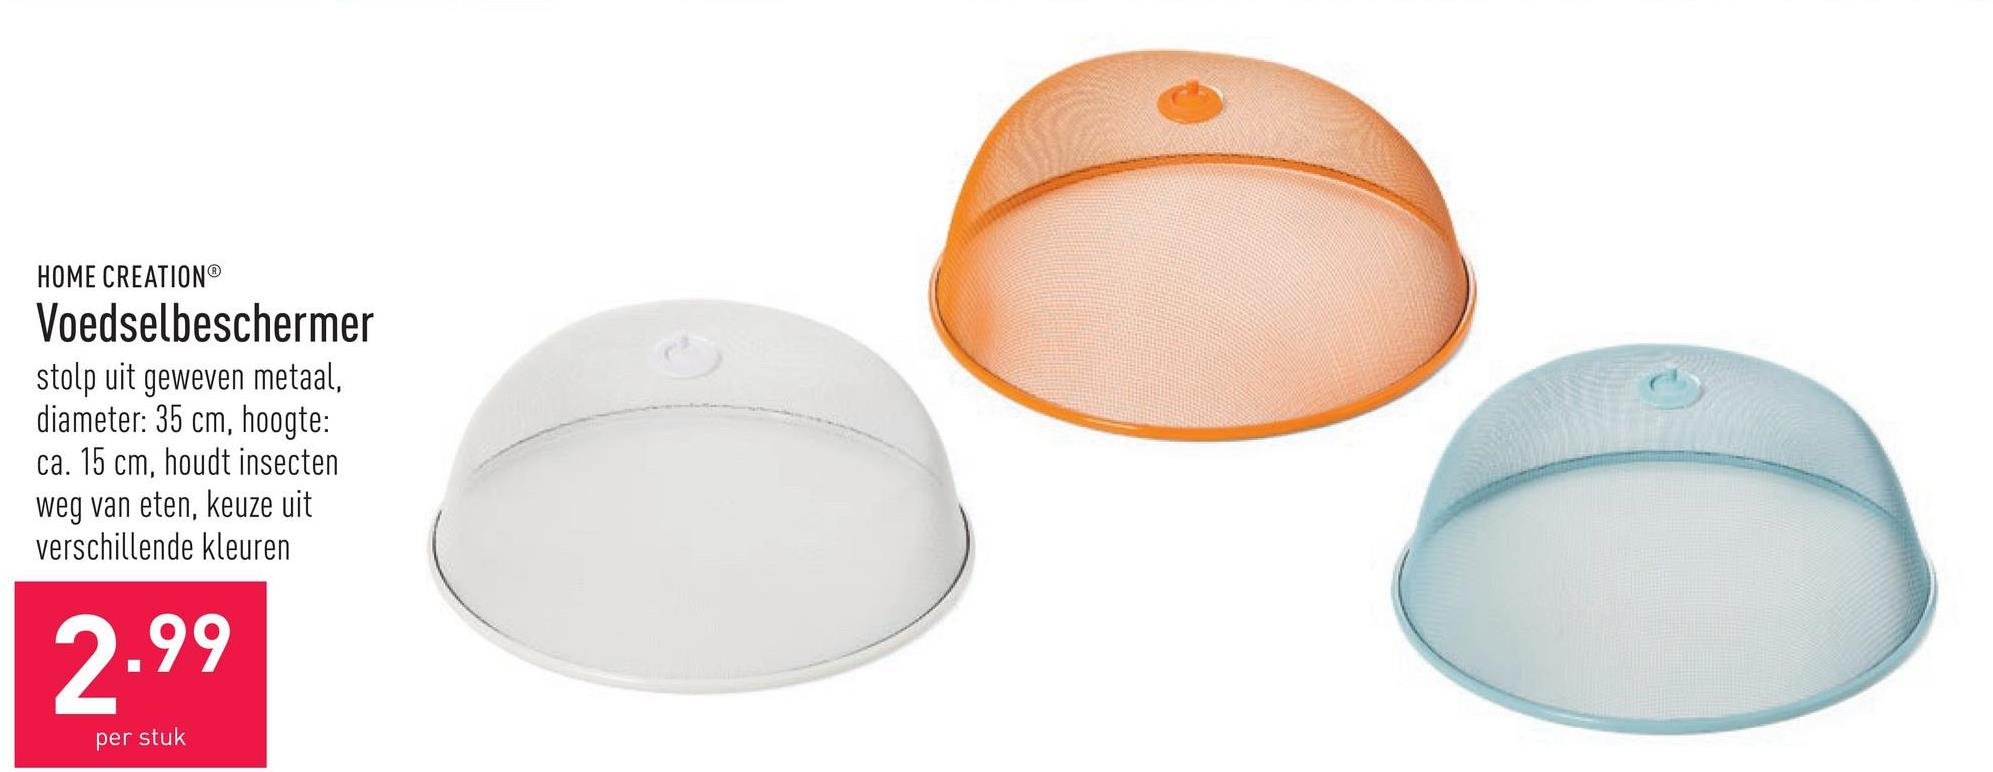 Voedselbeschermer stolp uit geweven metaal, diameter: 35 cm, hoogte: ca. 15 cm, houdt insecten weg van eten, keuze uit verschillende kleuren